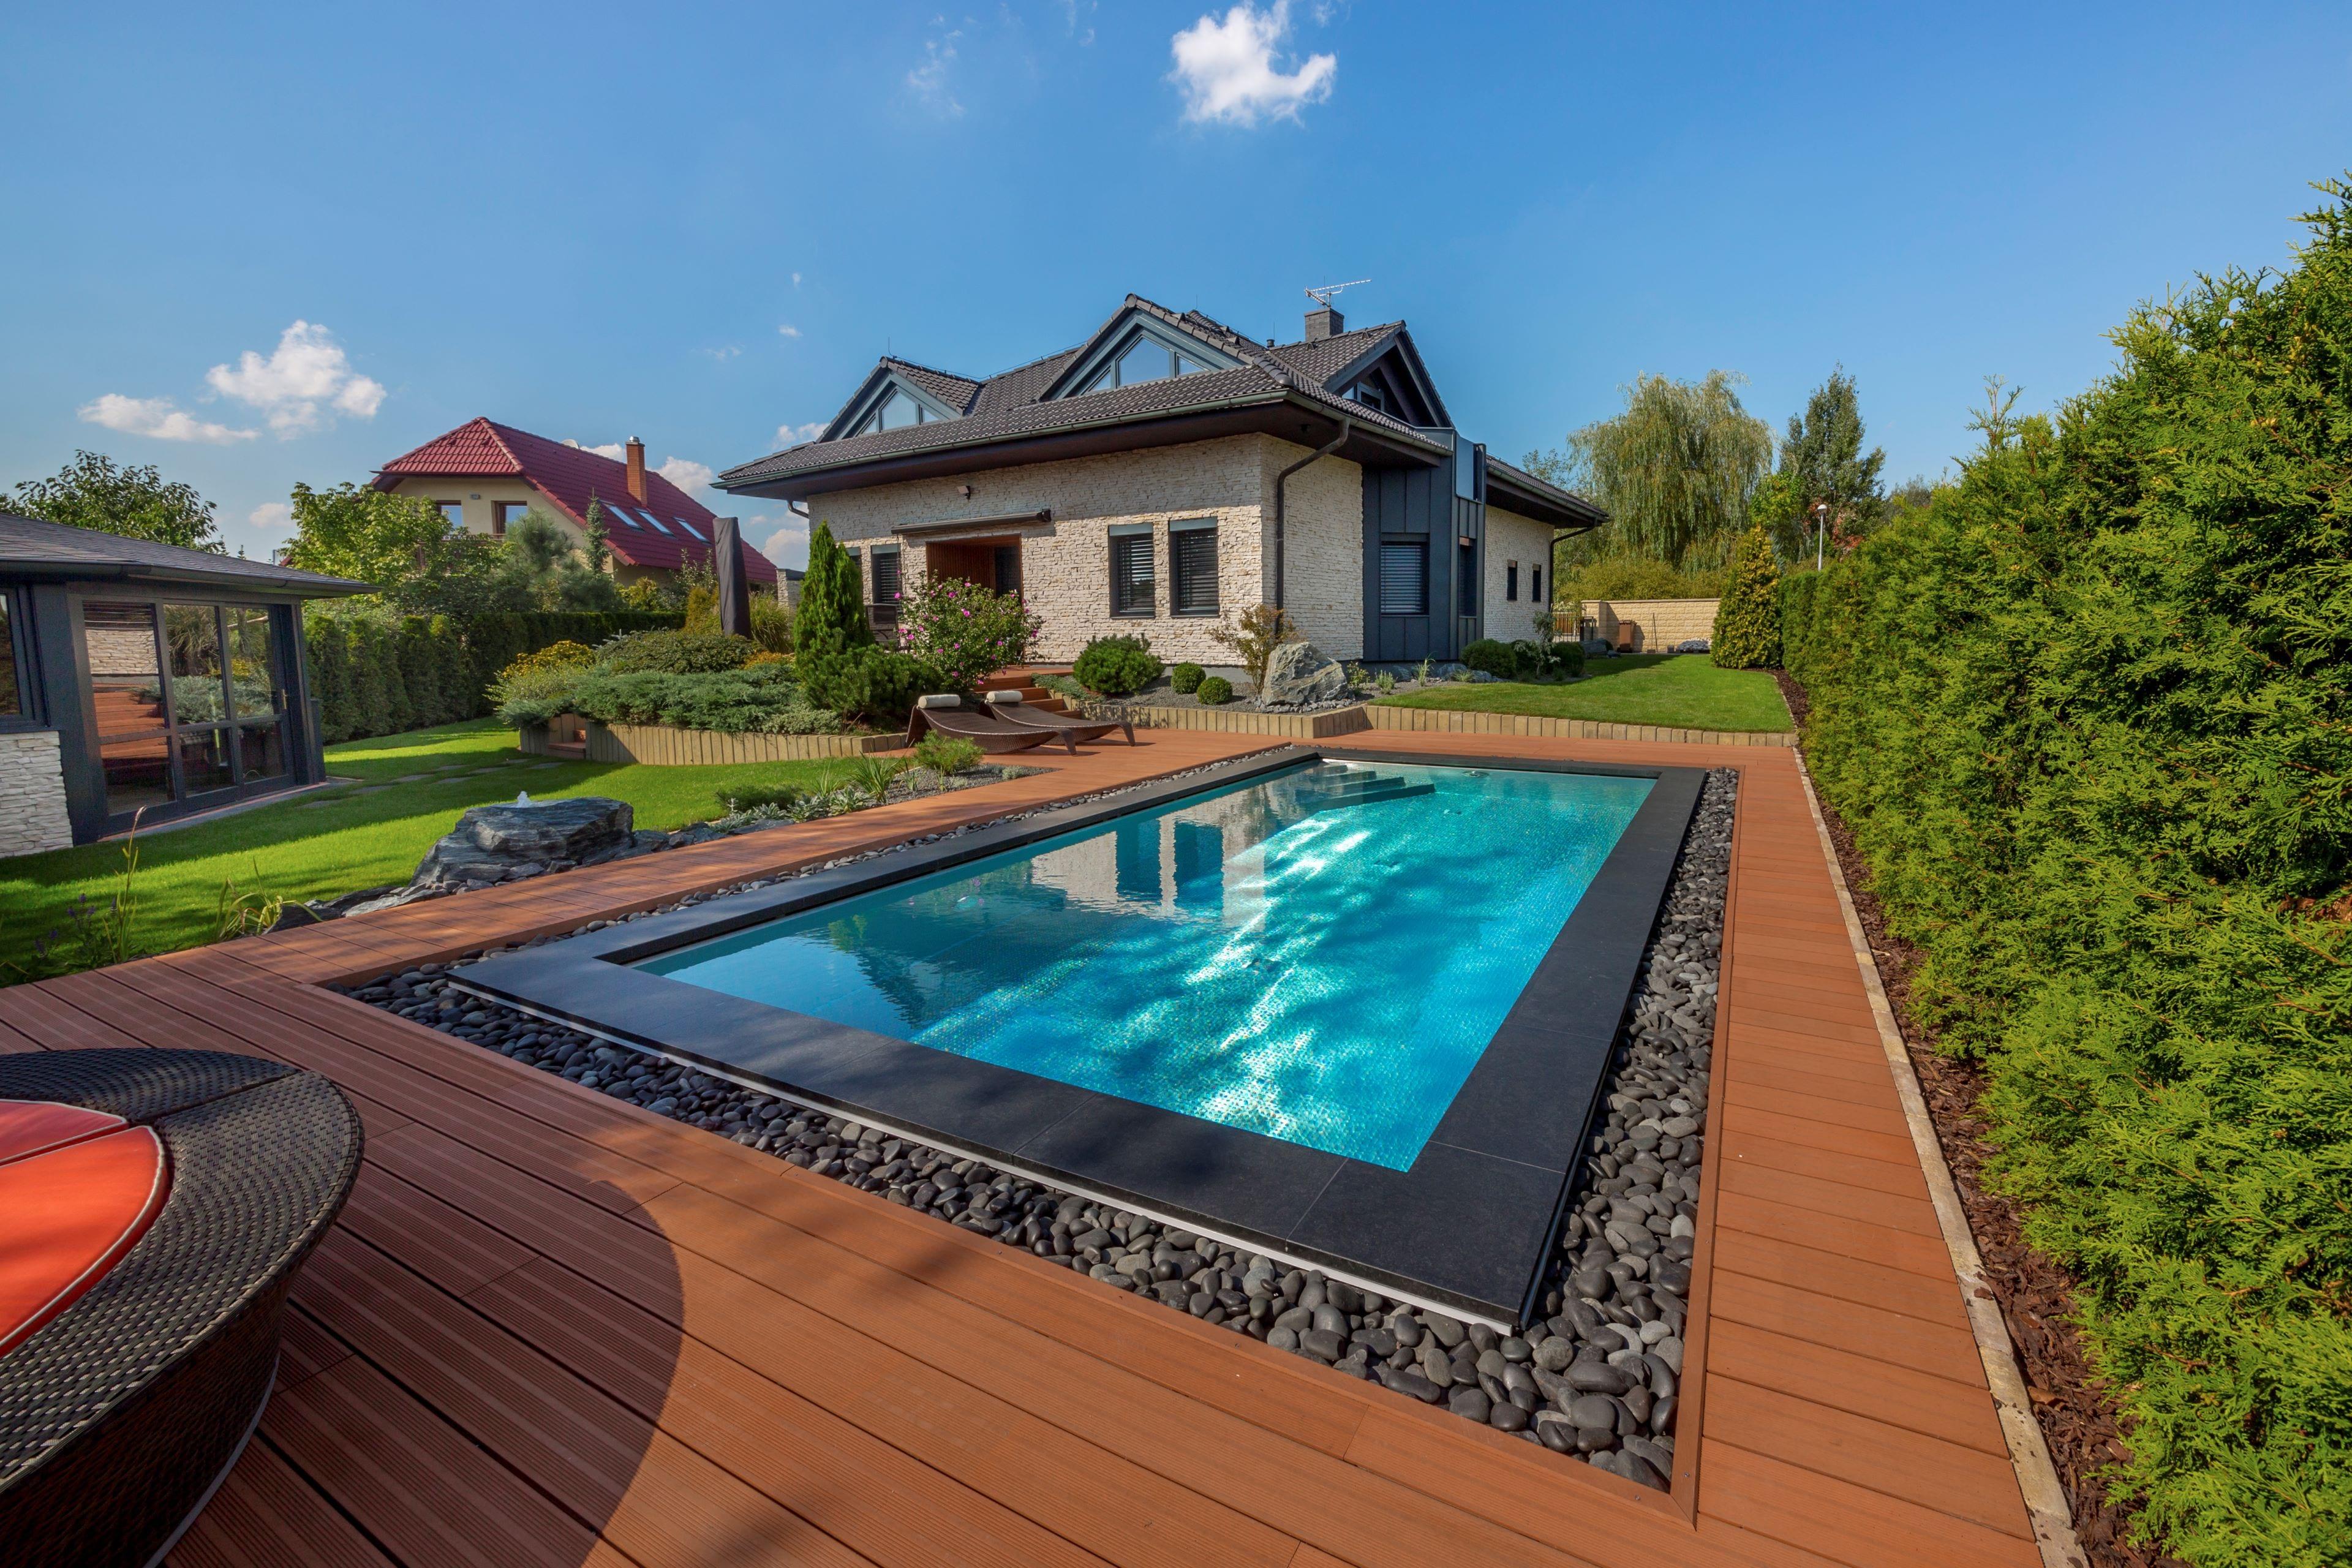 Obložení kolem bazénů – jaký materiál zvolit? | IMAGINOX